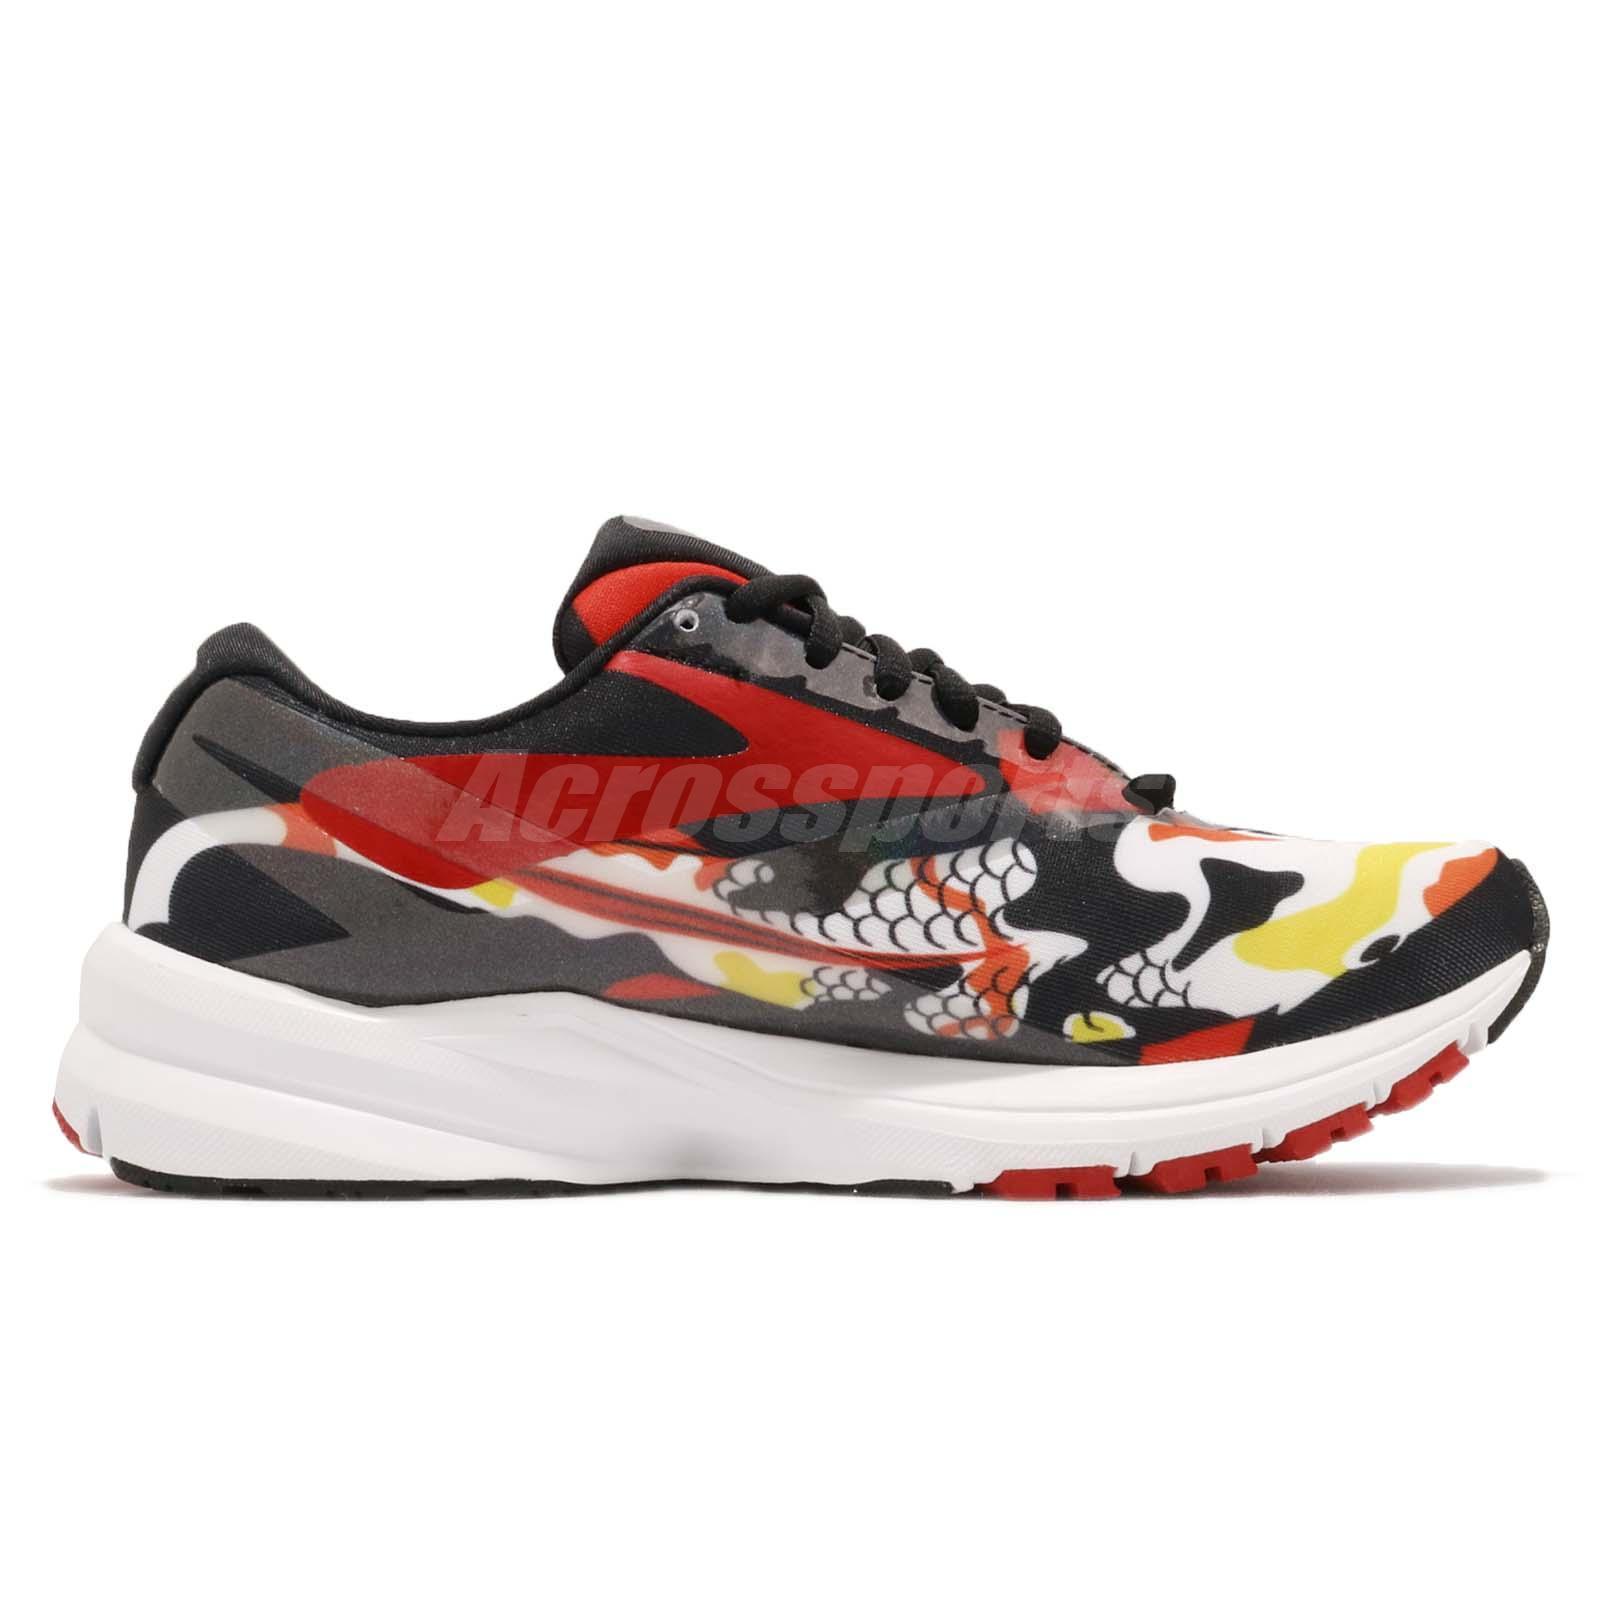 4ab19d1fbb0 Brooks Launch 4 Tokyo KOI Carp Black Red White Women Running ...